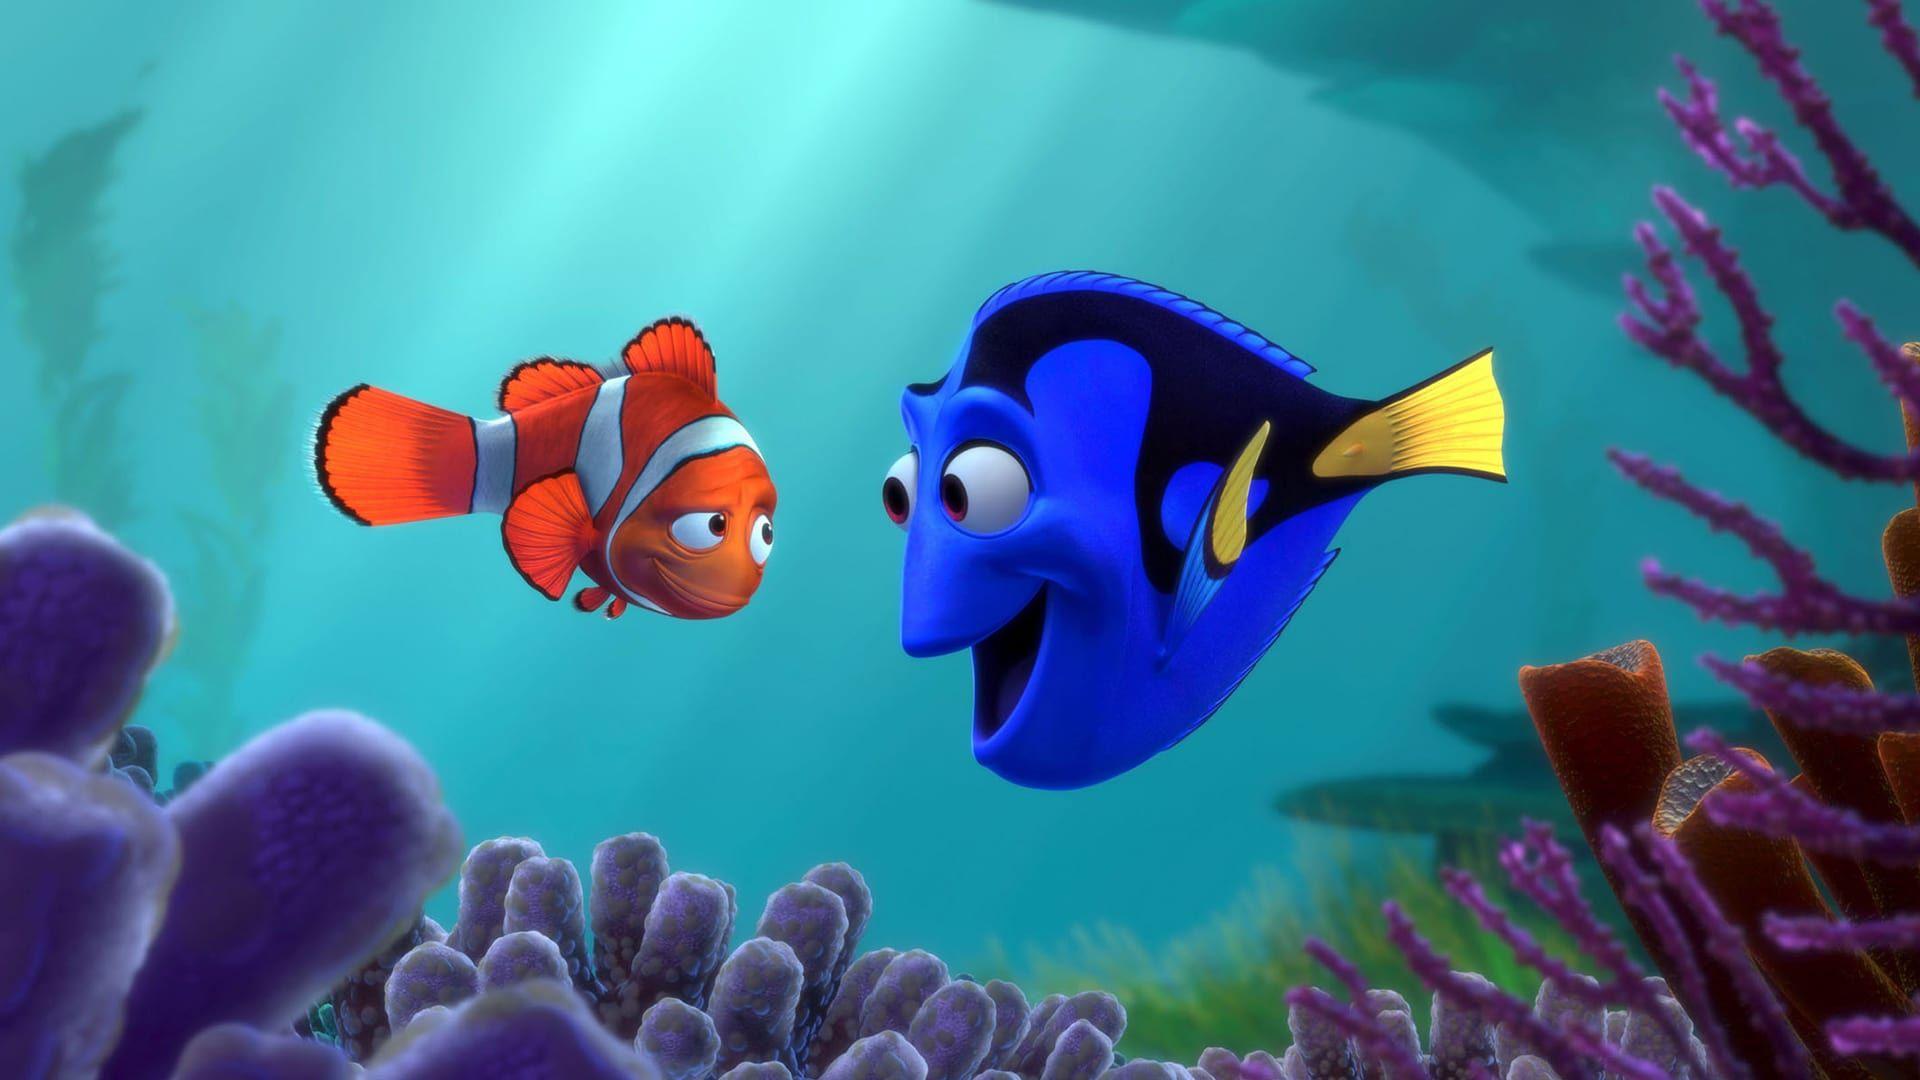 Alla Ricerca Di Nemo 2003 Cb01 Completo Italiano Altadefinizione Cinema Guarda Alla Ricerca Di Nemo Italian Animated Movies Dory Finding Nemo Finding Nemo